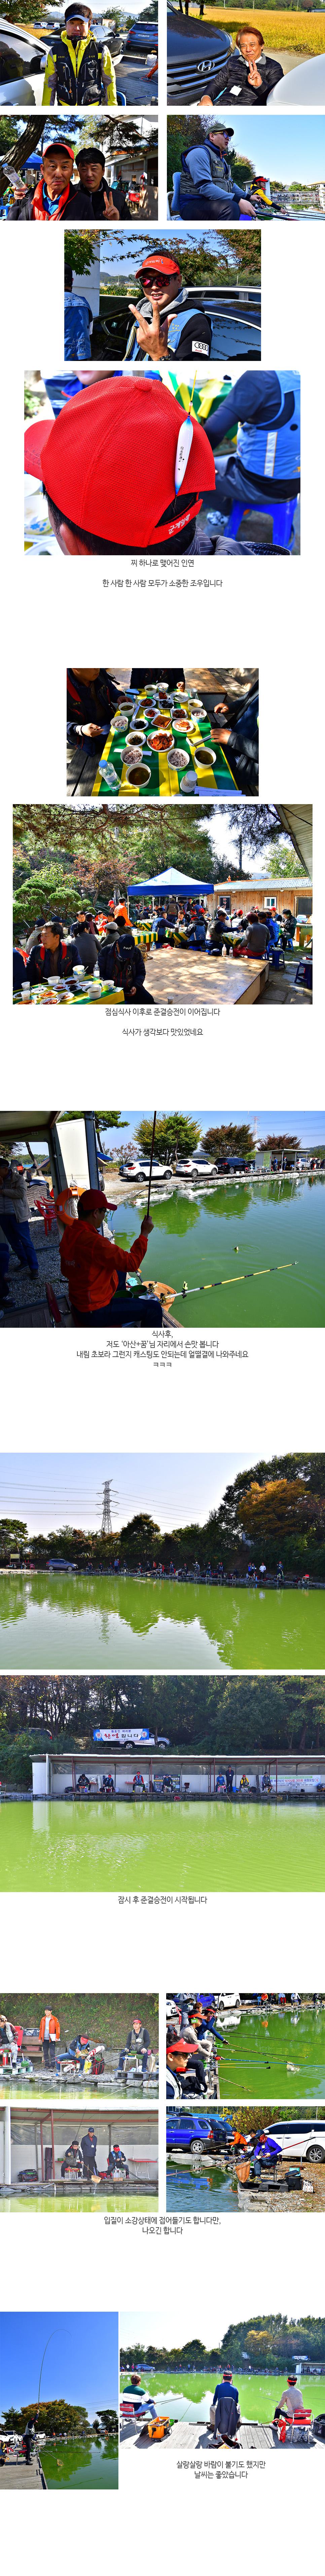 2018 군계일학 왕중왕전 - 06.jpg